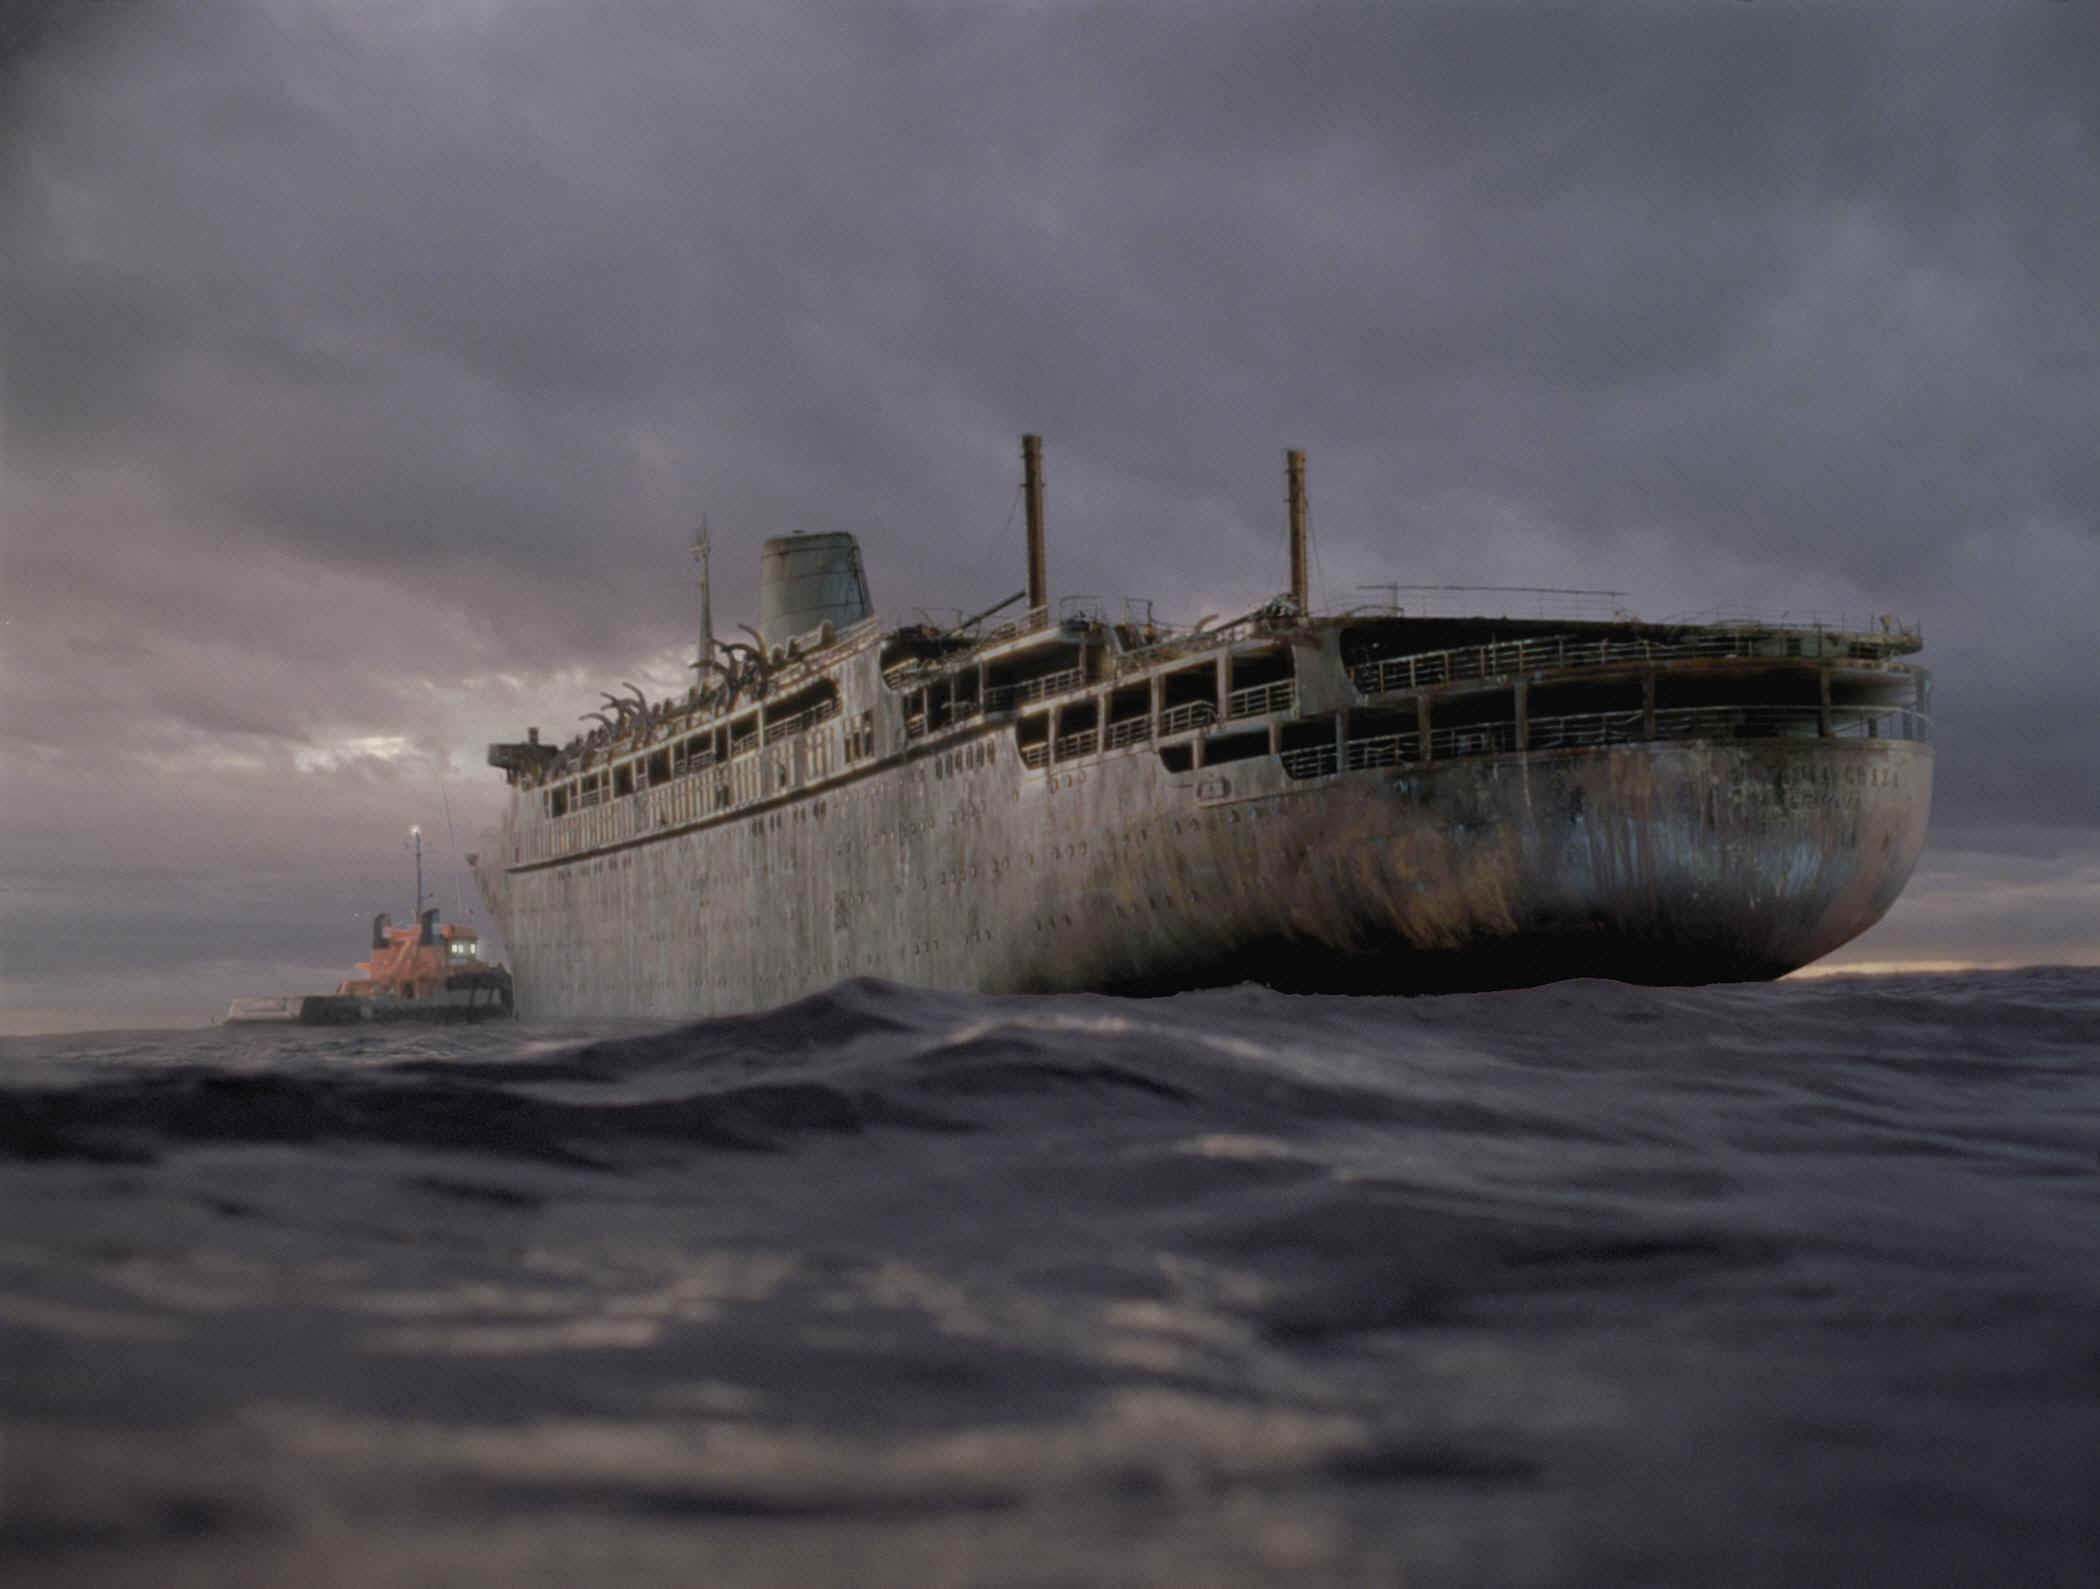 船にまつわる怖い話ってあんまないよね。